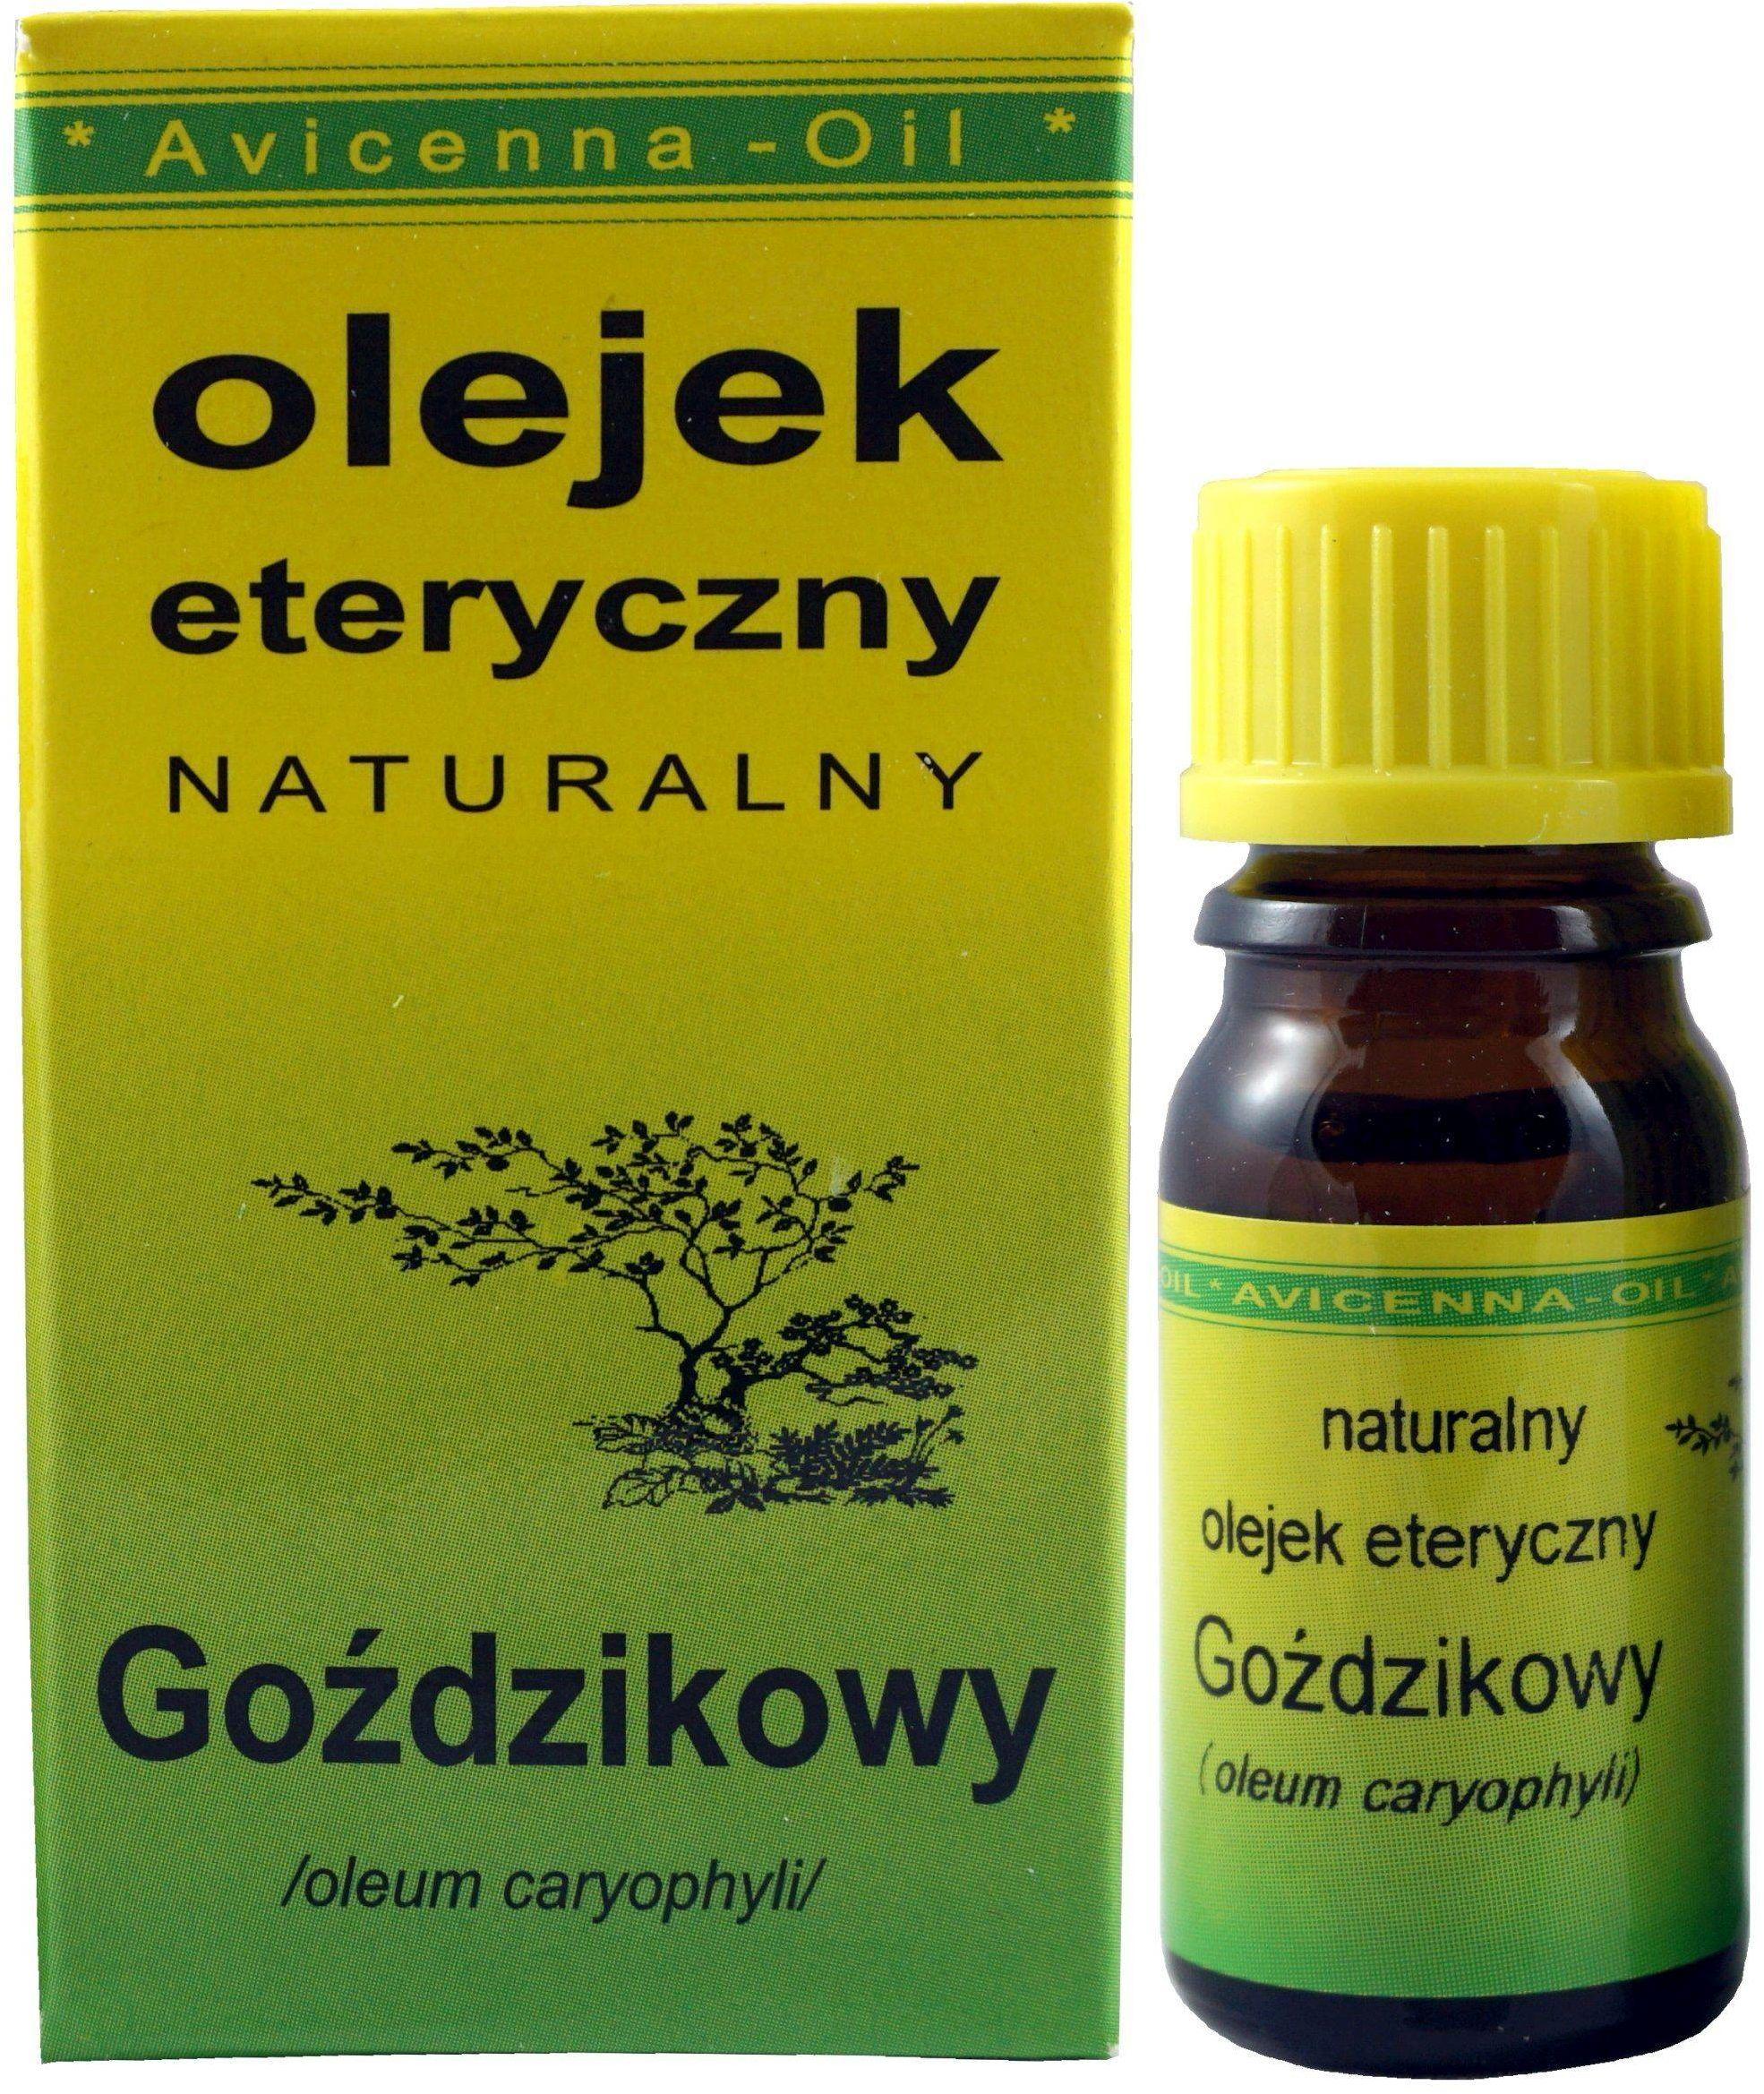 Olejek eteryczny Goździkowy - 7ml - Avicenna Oil